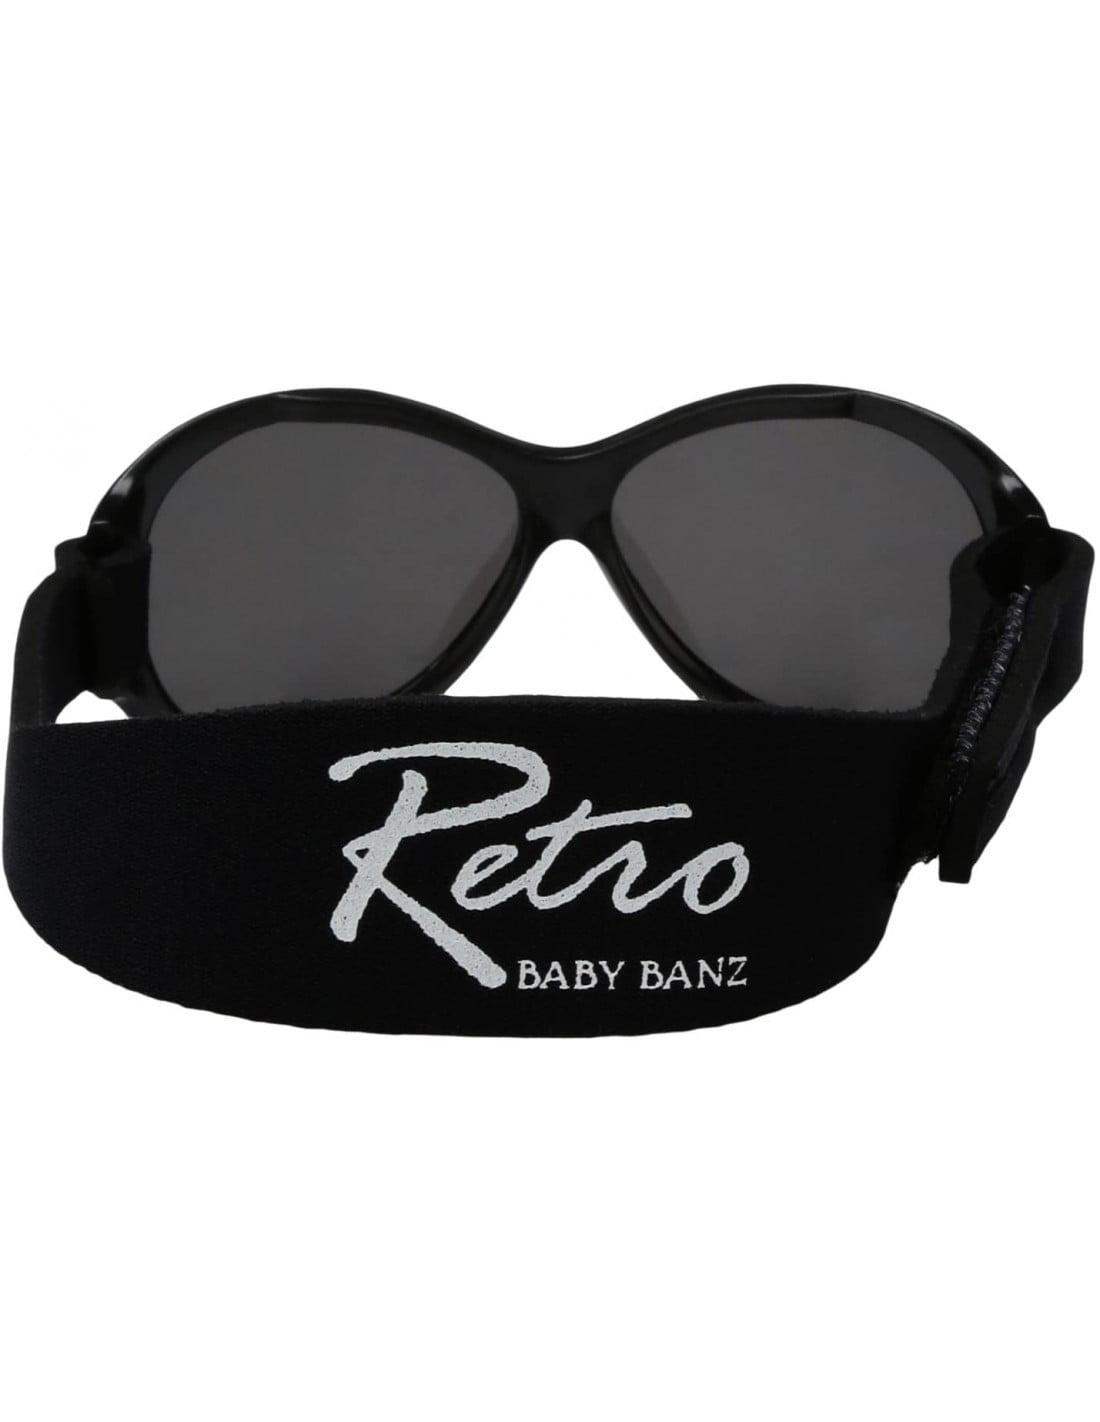 Ochelari de soare Bebe 2-5 ani Retro Oval Black Banz 3